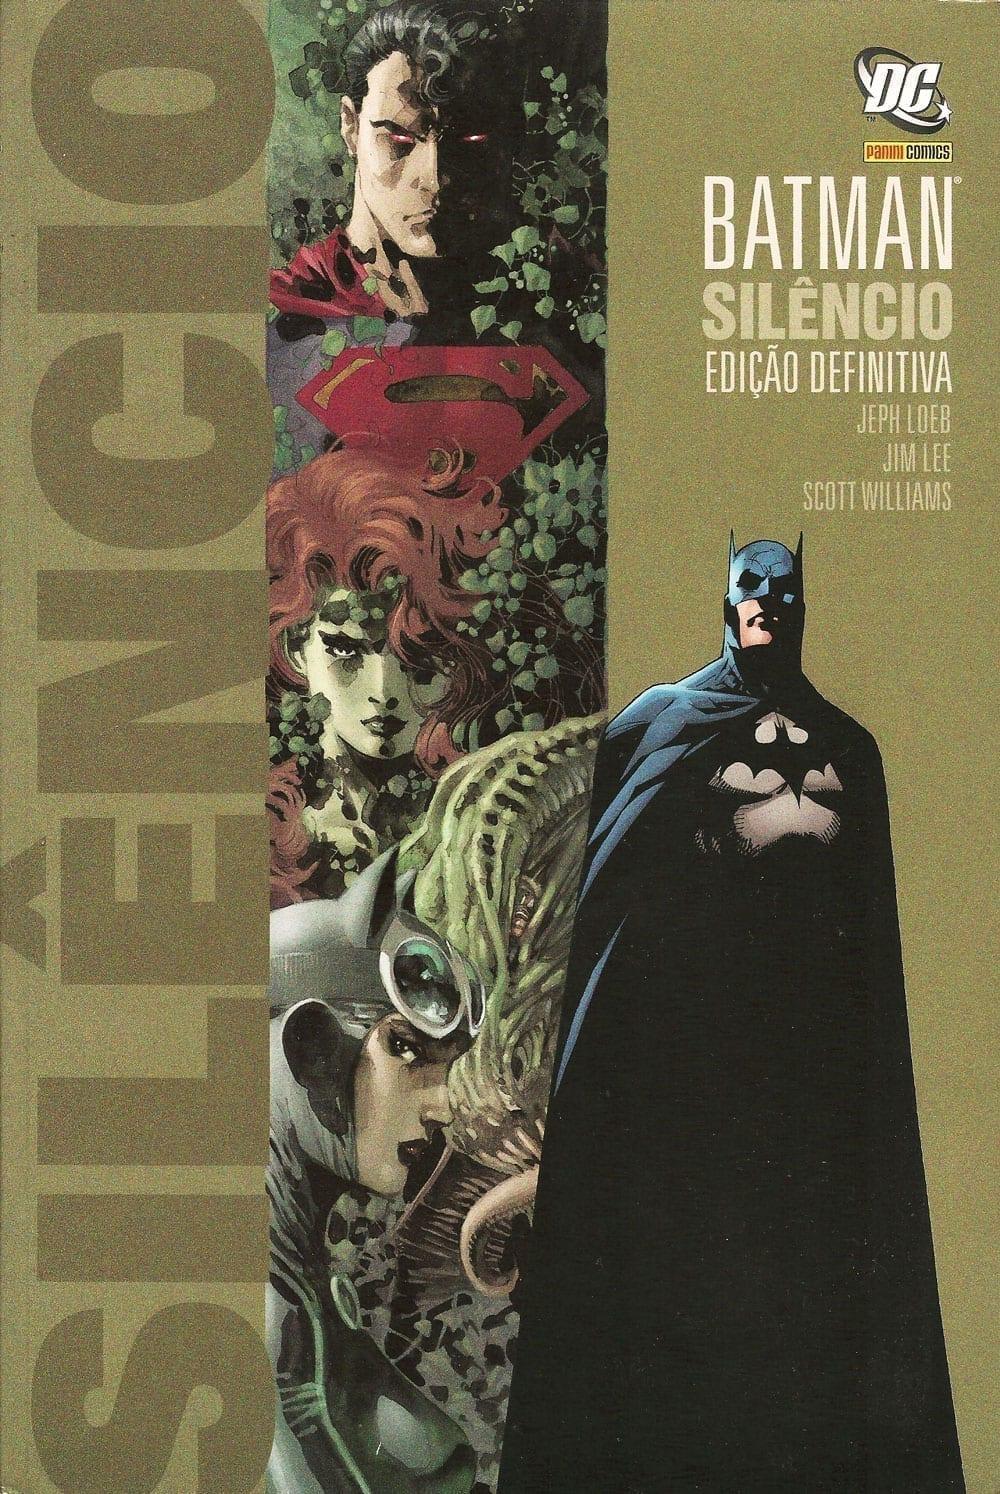 Capa: Batman: Silêncio - Edição Definitiva